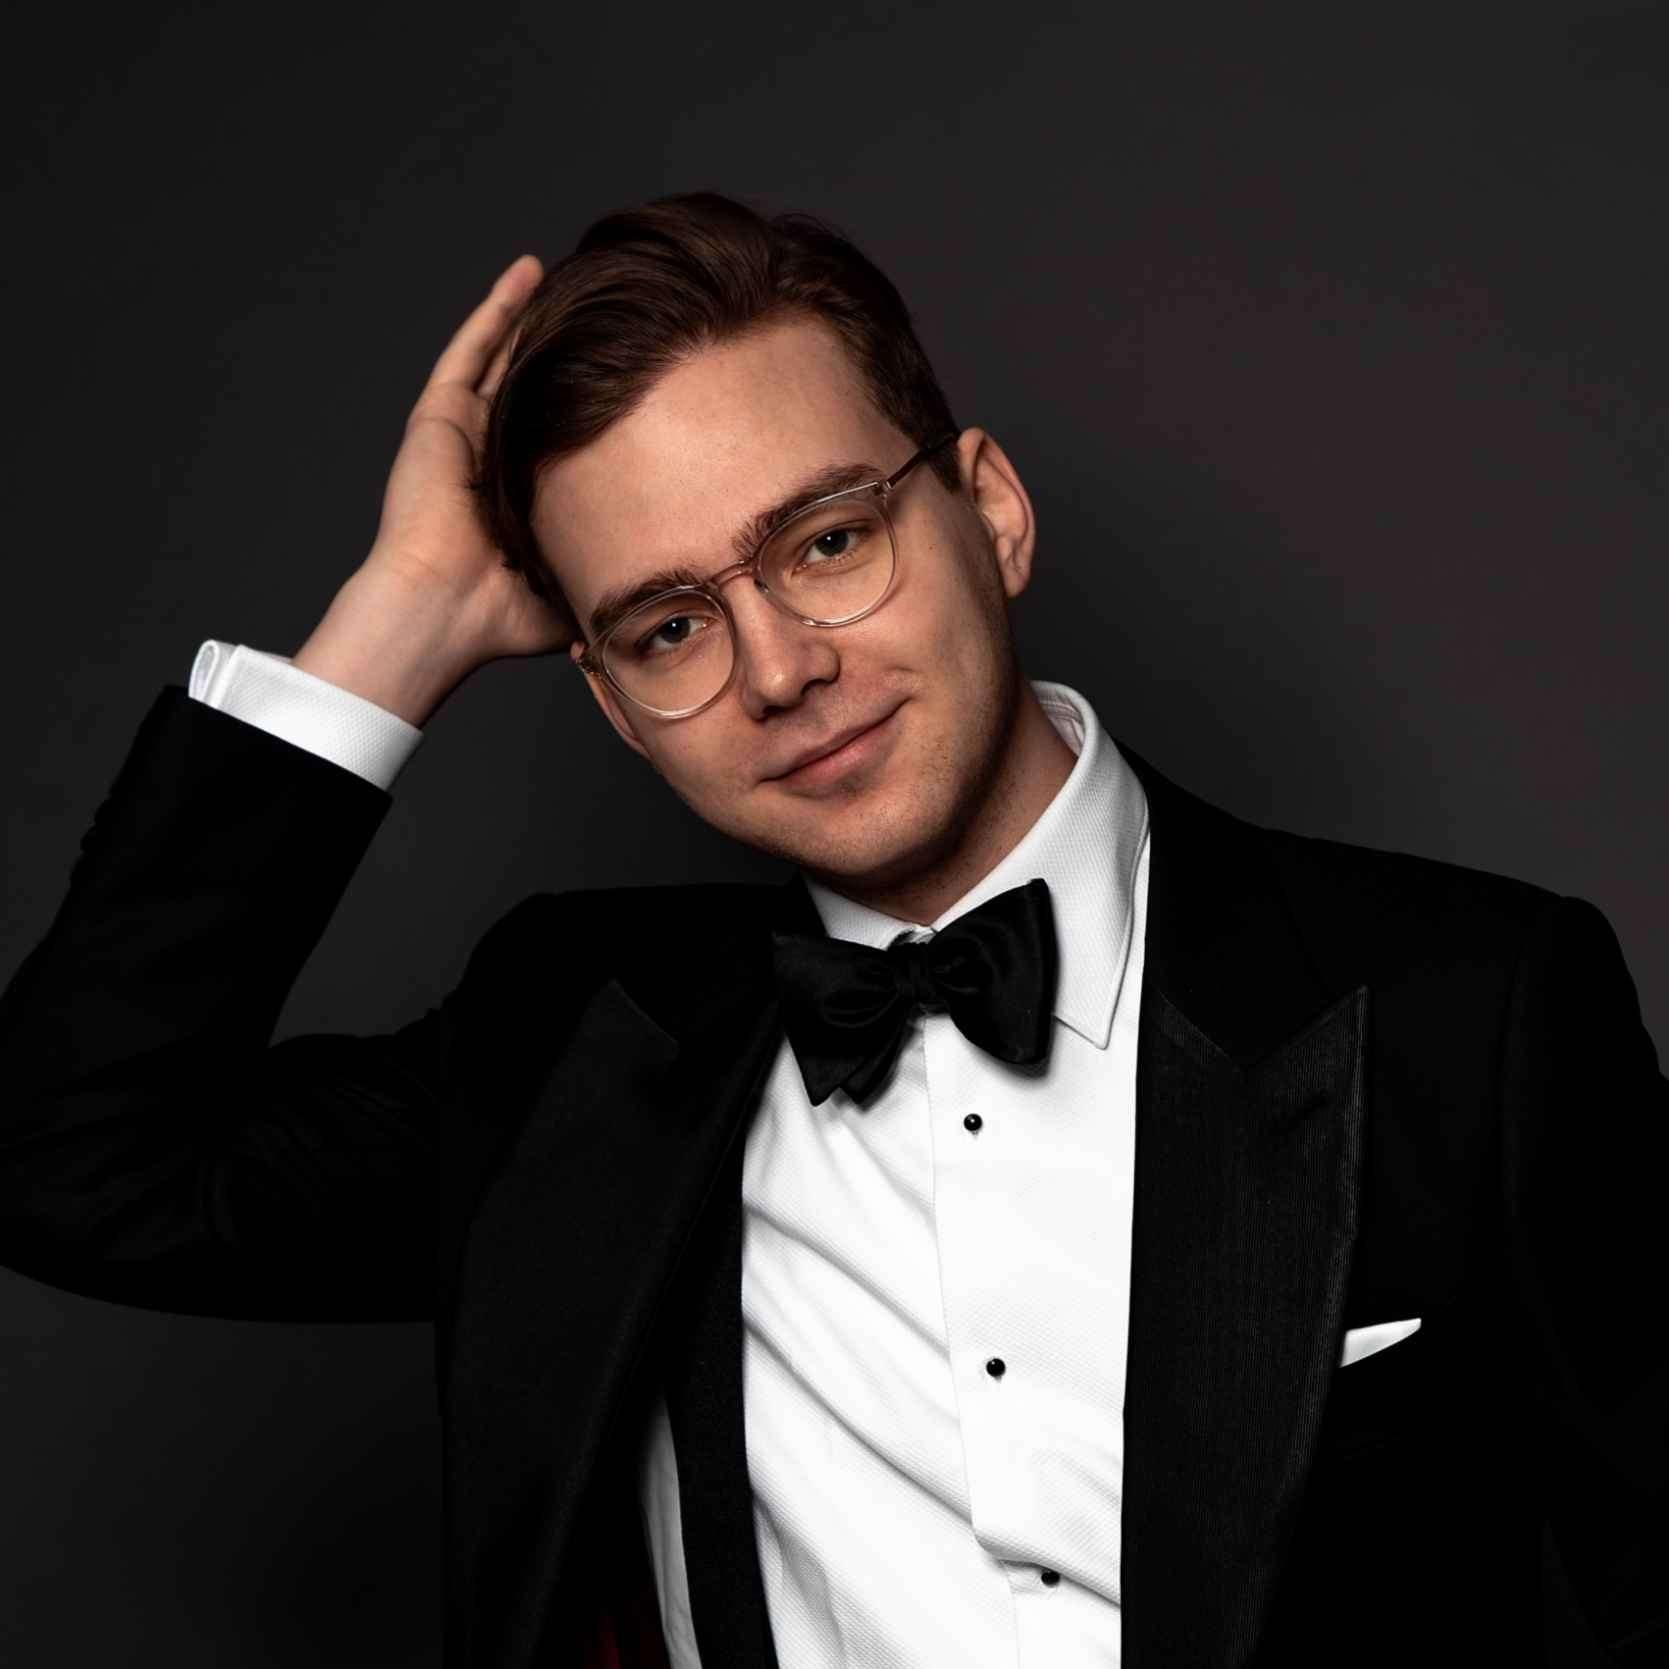 Žilvinas Steponas  Miškinis - Profile picture